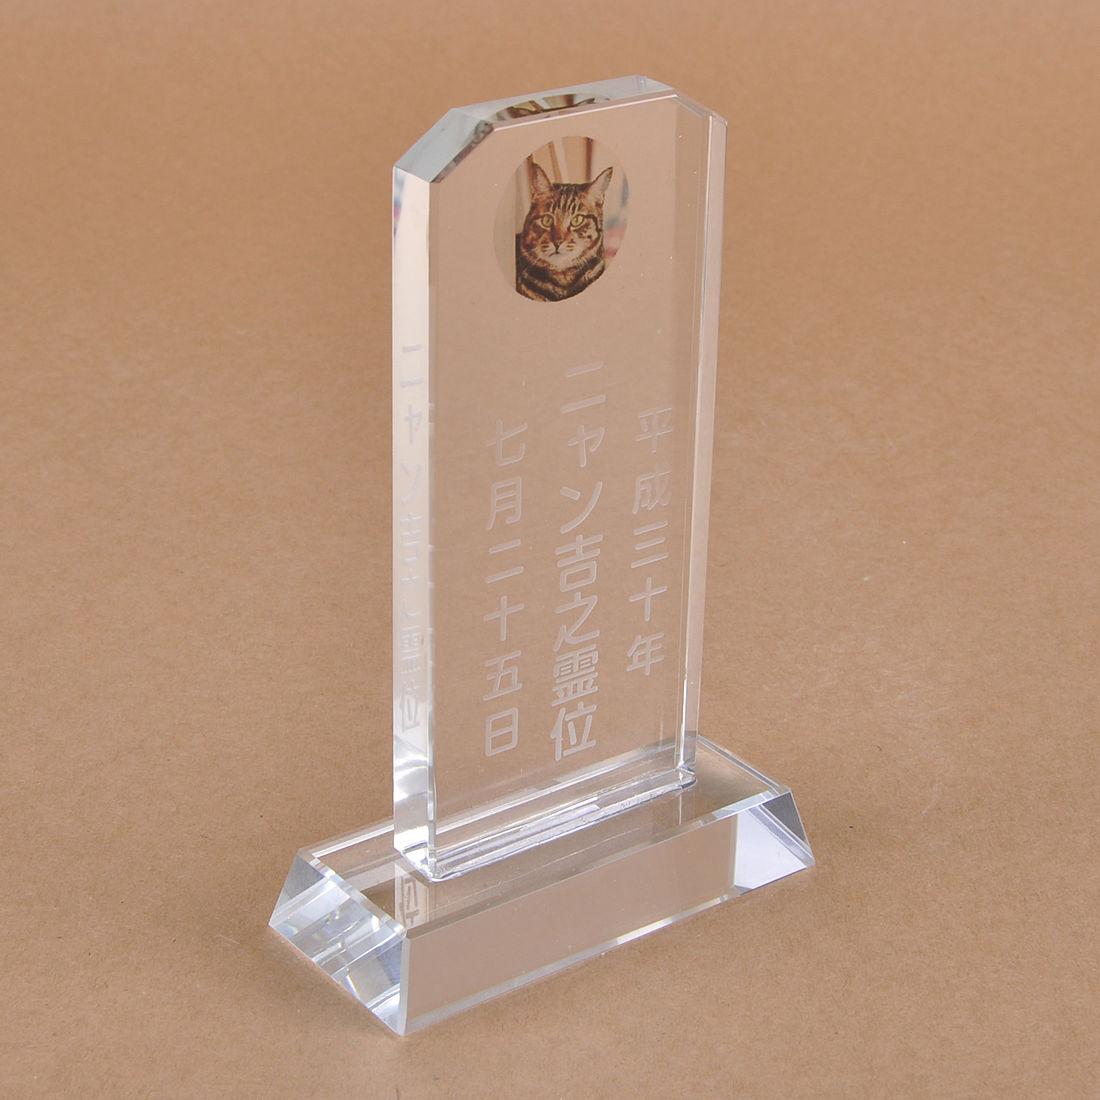 木 いぬ 大特価 位牌 NEW ARRIVAL 仏具 仏壇 写真 PetLove. ペットの位牌 ガラス製 高さ12cm attr191attr ctgr2ctgr sml3sml+ctgr2ctgr 猫用 noanml 楽ギフ_名入れ 内部写真 お客様の写真を印刷するタイプ HLS_DU 表面彫刻